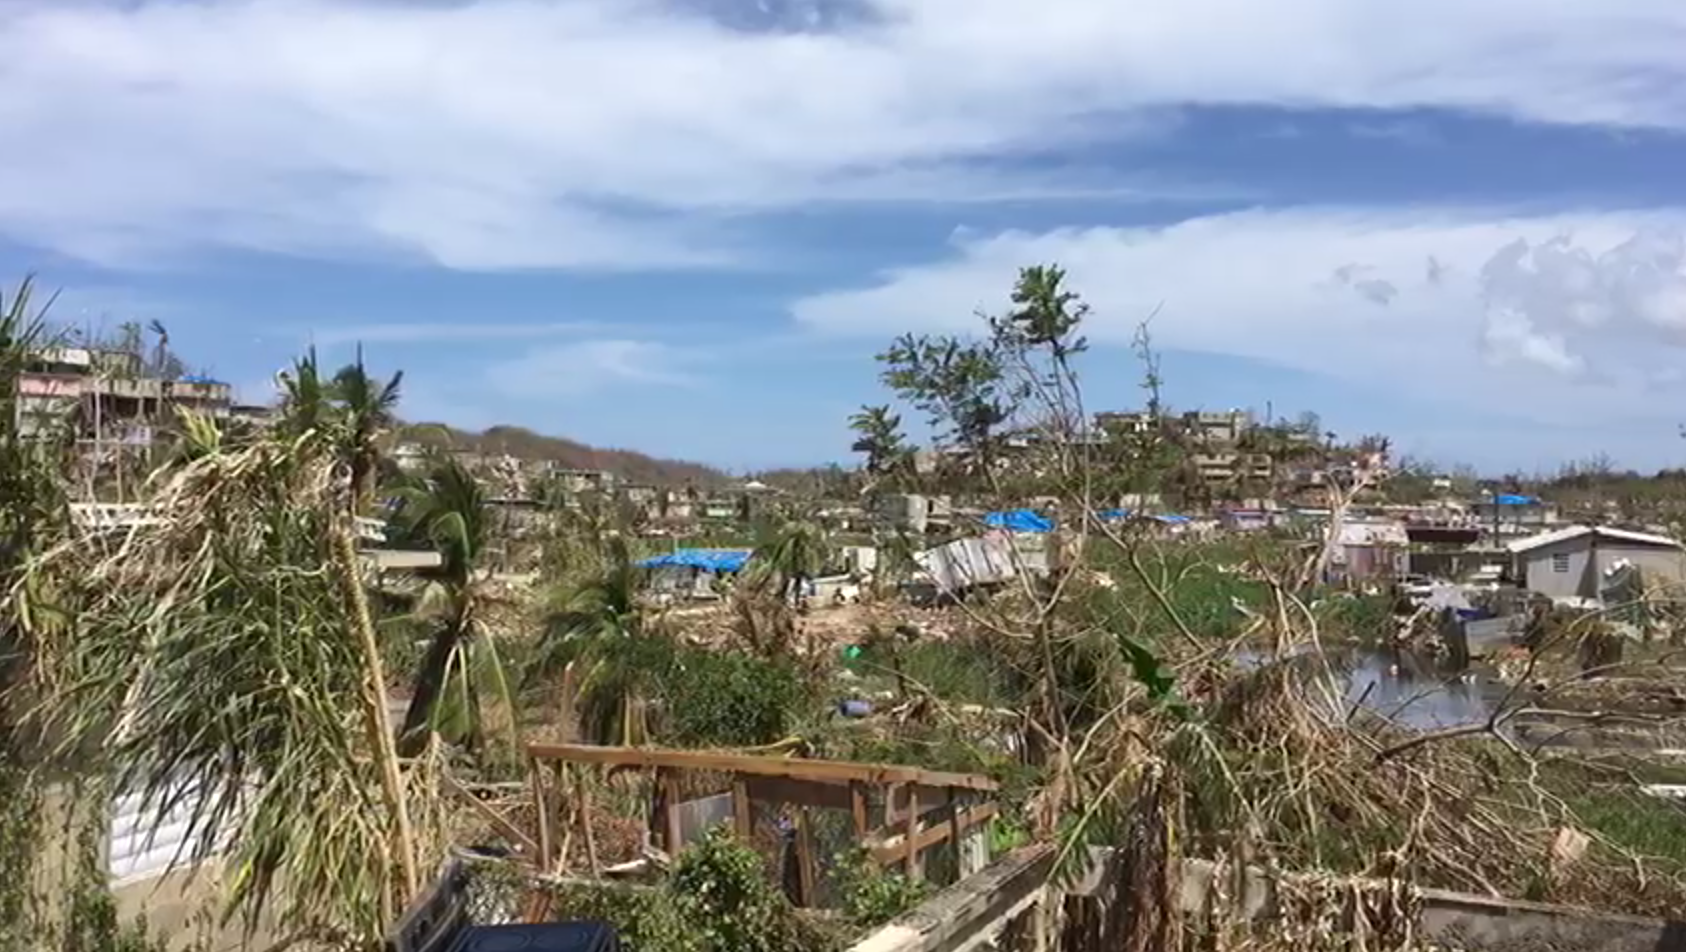 PORTO RICO DÉVASTÉ : L'ÉGLISE ADVENTISTE APPORTE SON AIDE